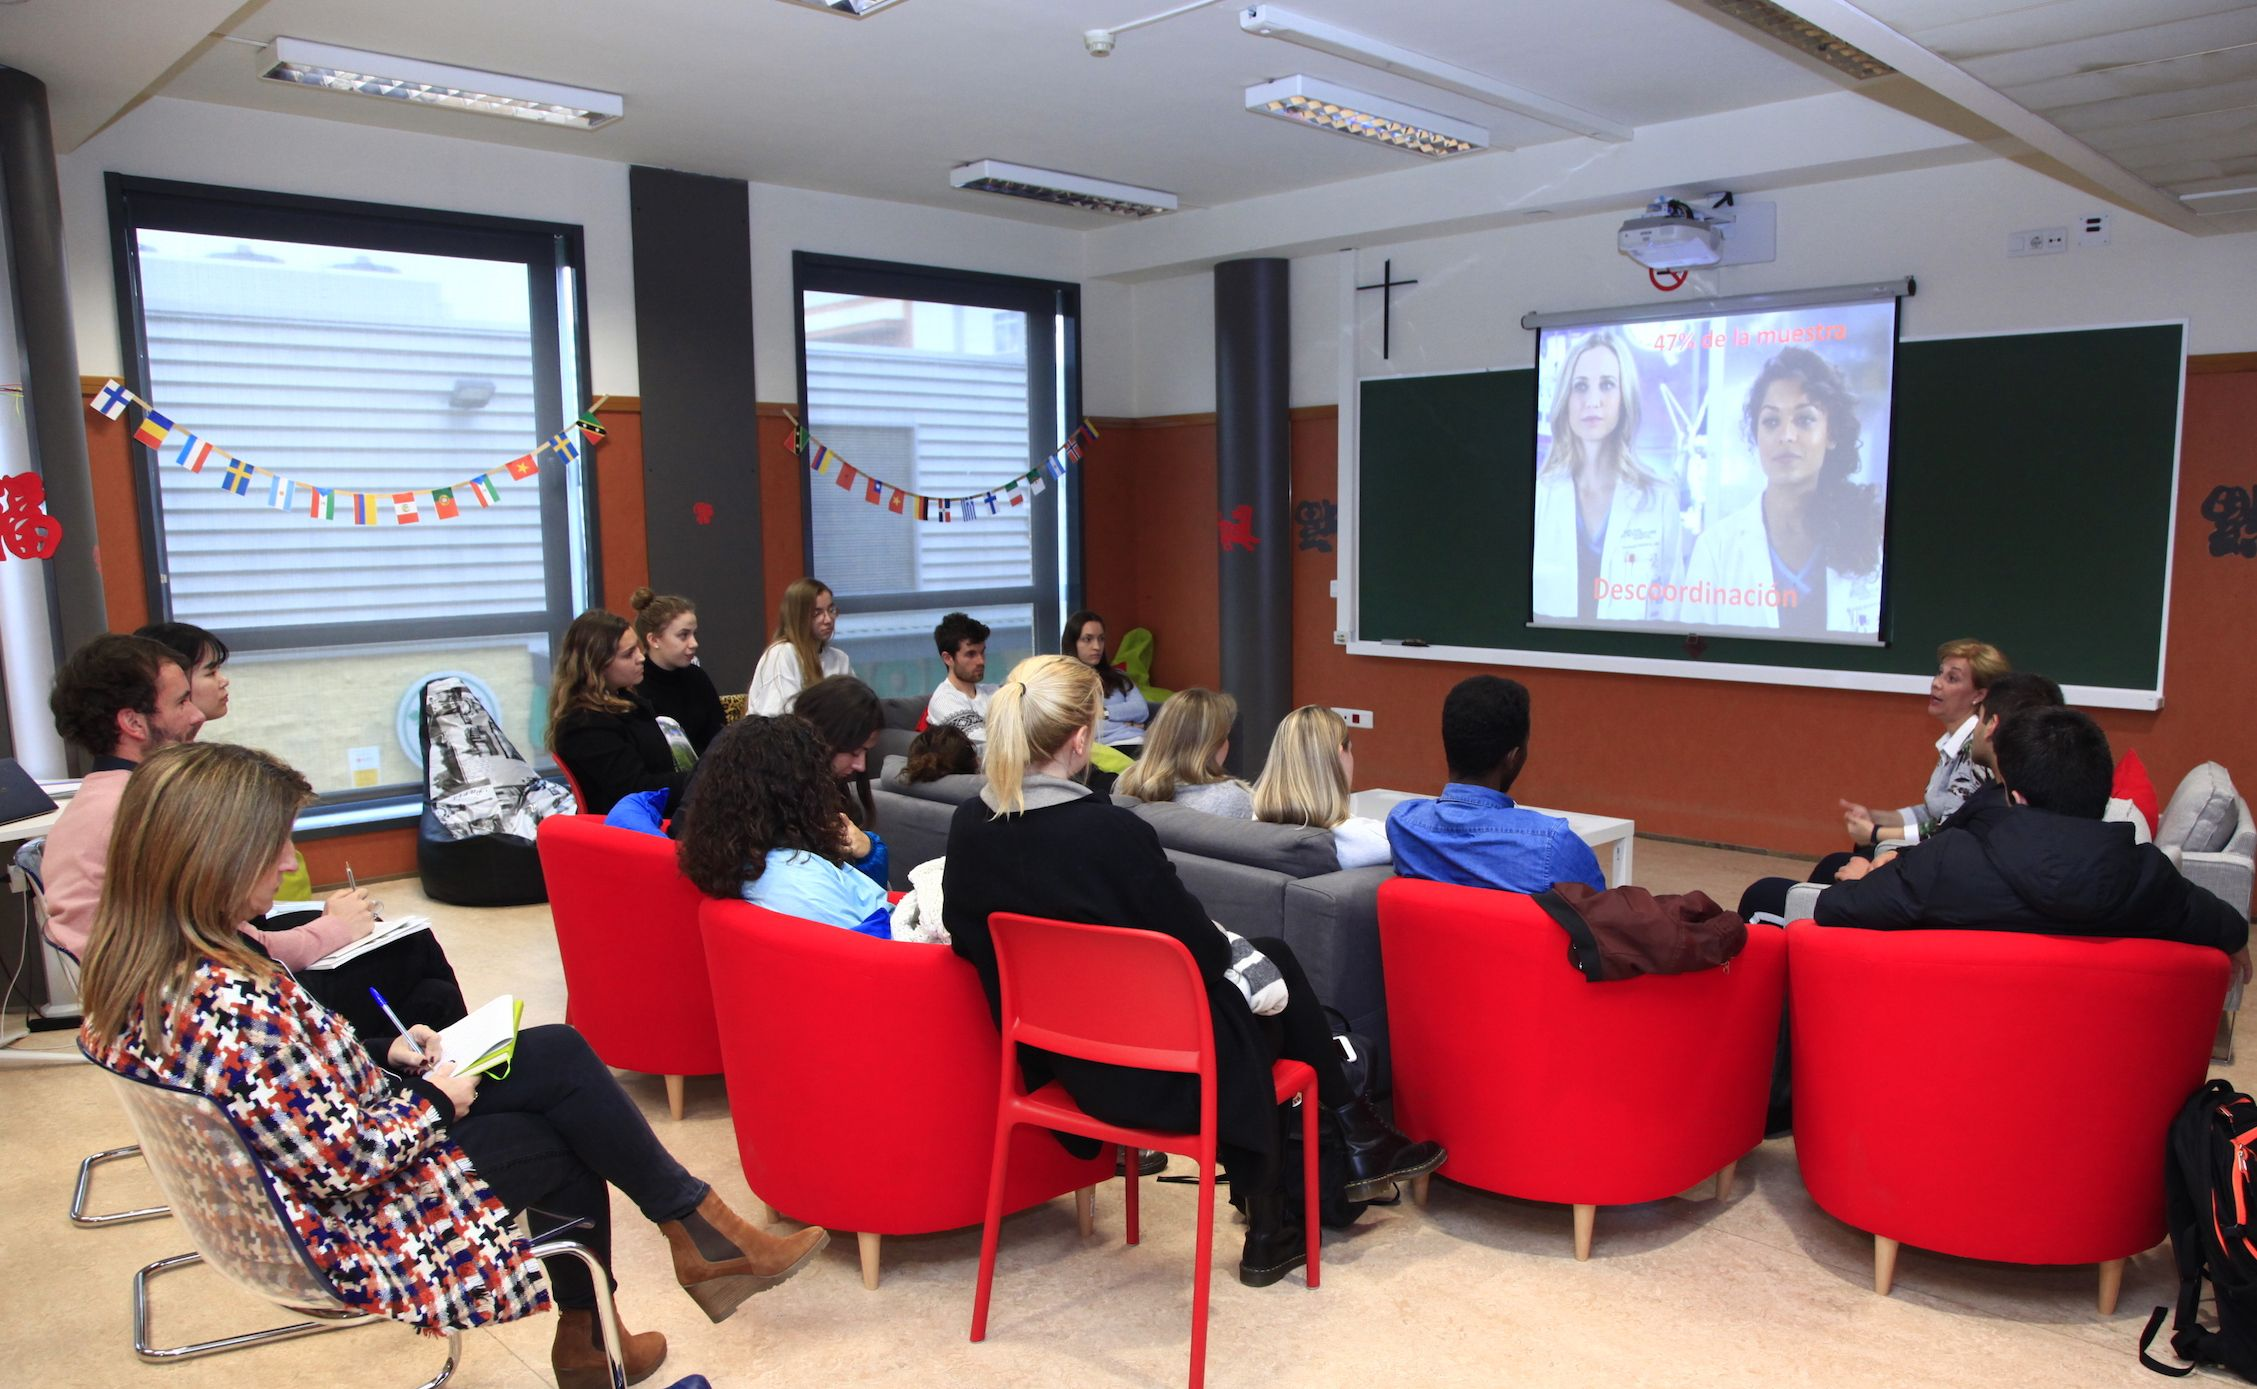 La profesora Inma Rius, del Grupo GIDYC, durante la charla sobre enfermedades raras celebrada hoy, con motivo del Día Mundial.